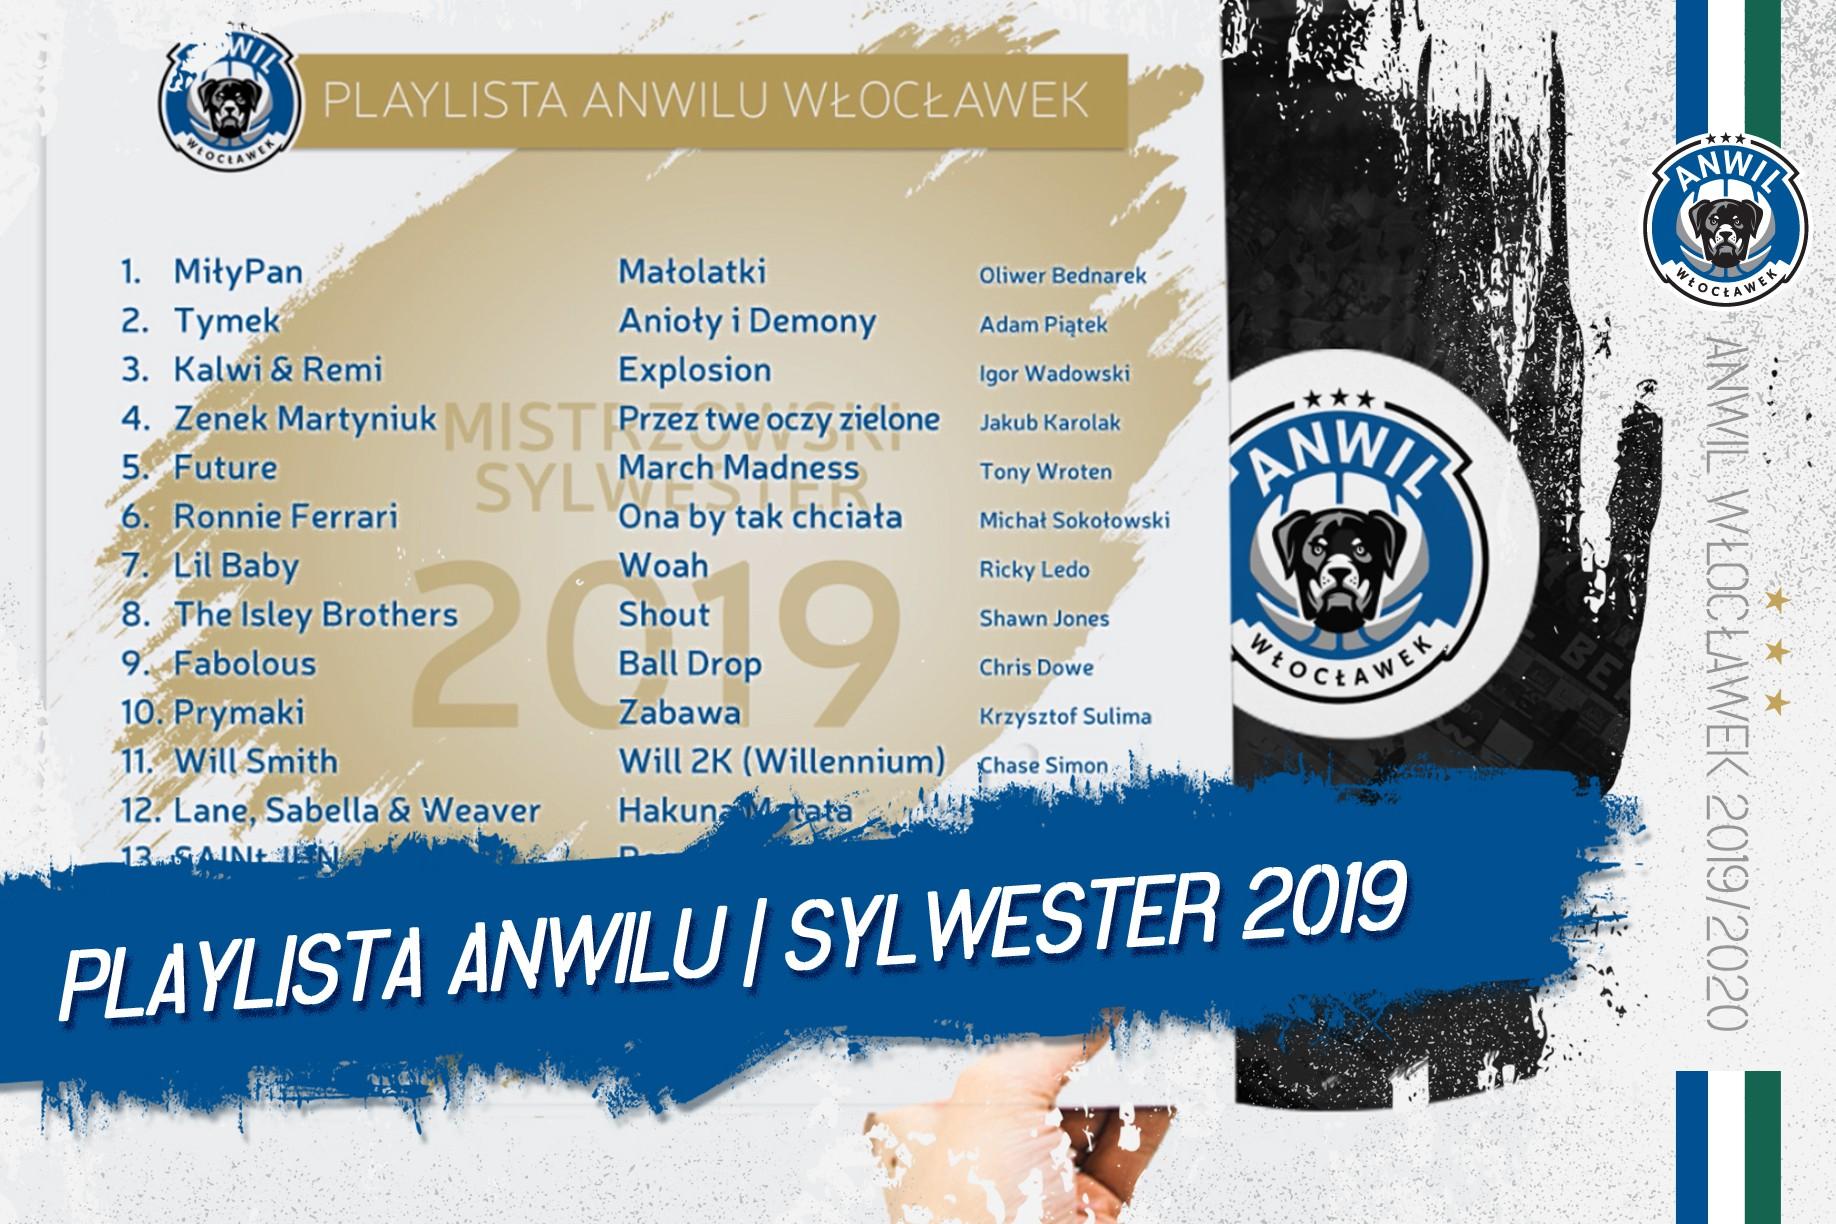 Wideo   Playlista Anwilu Włocławek   Sylwester 2019